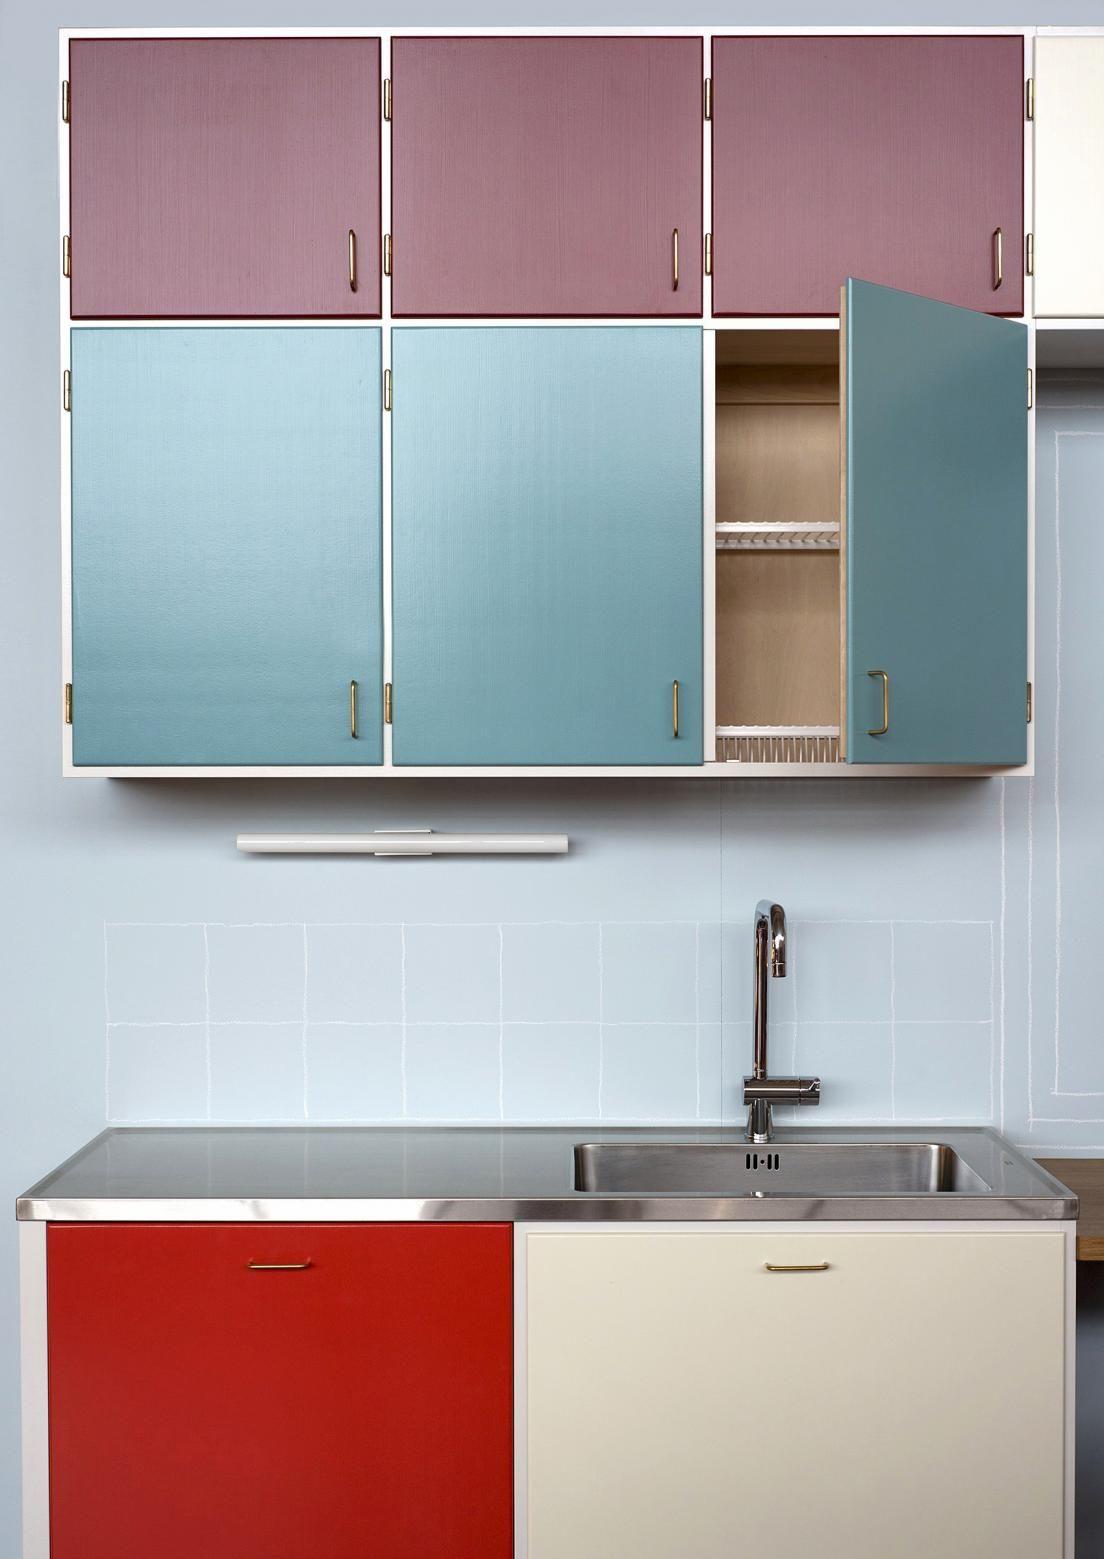 Onko haaveissasi 50 luvun keittiö? Katso Meidän Talon